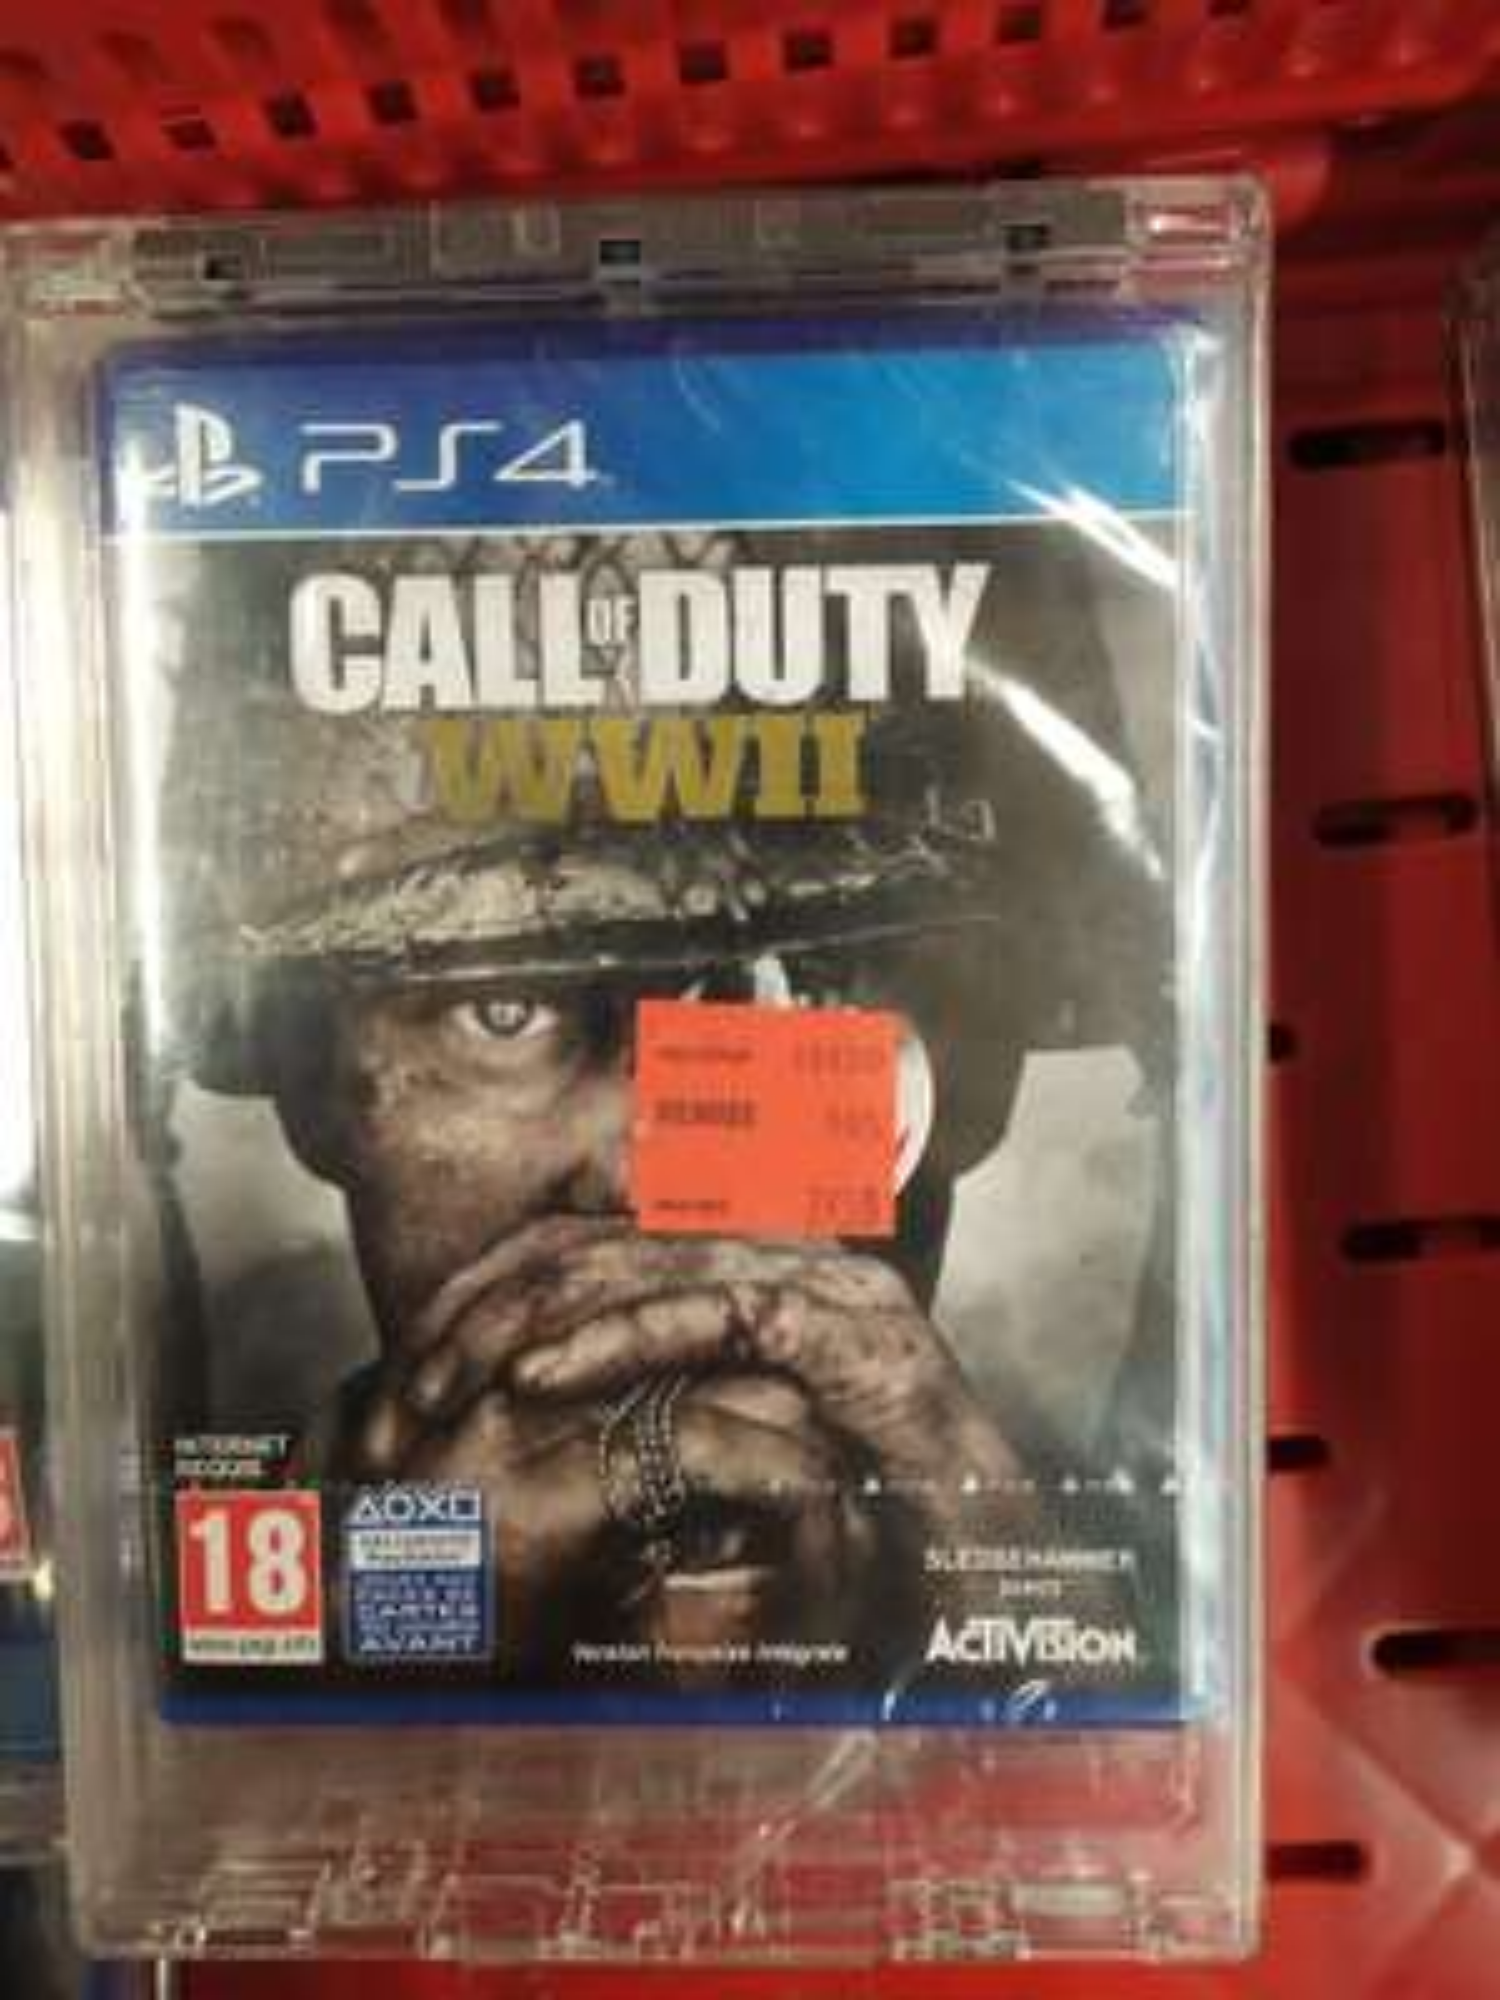 Sélection de jeux en promotion (Ex: Call of duty WWII sur PS4) - Le Mans (72)